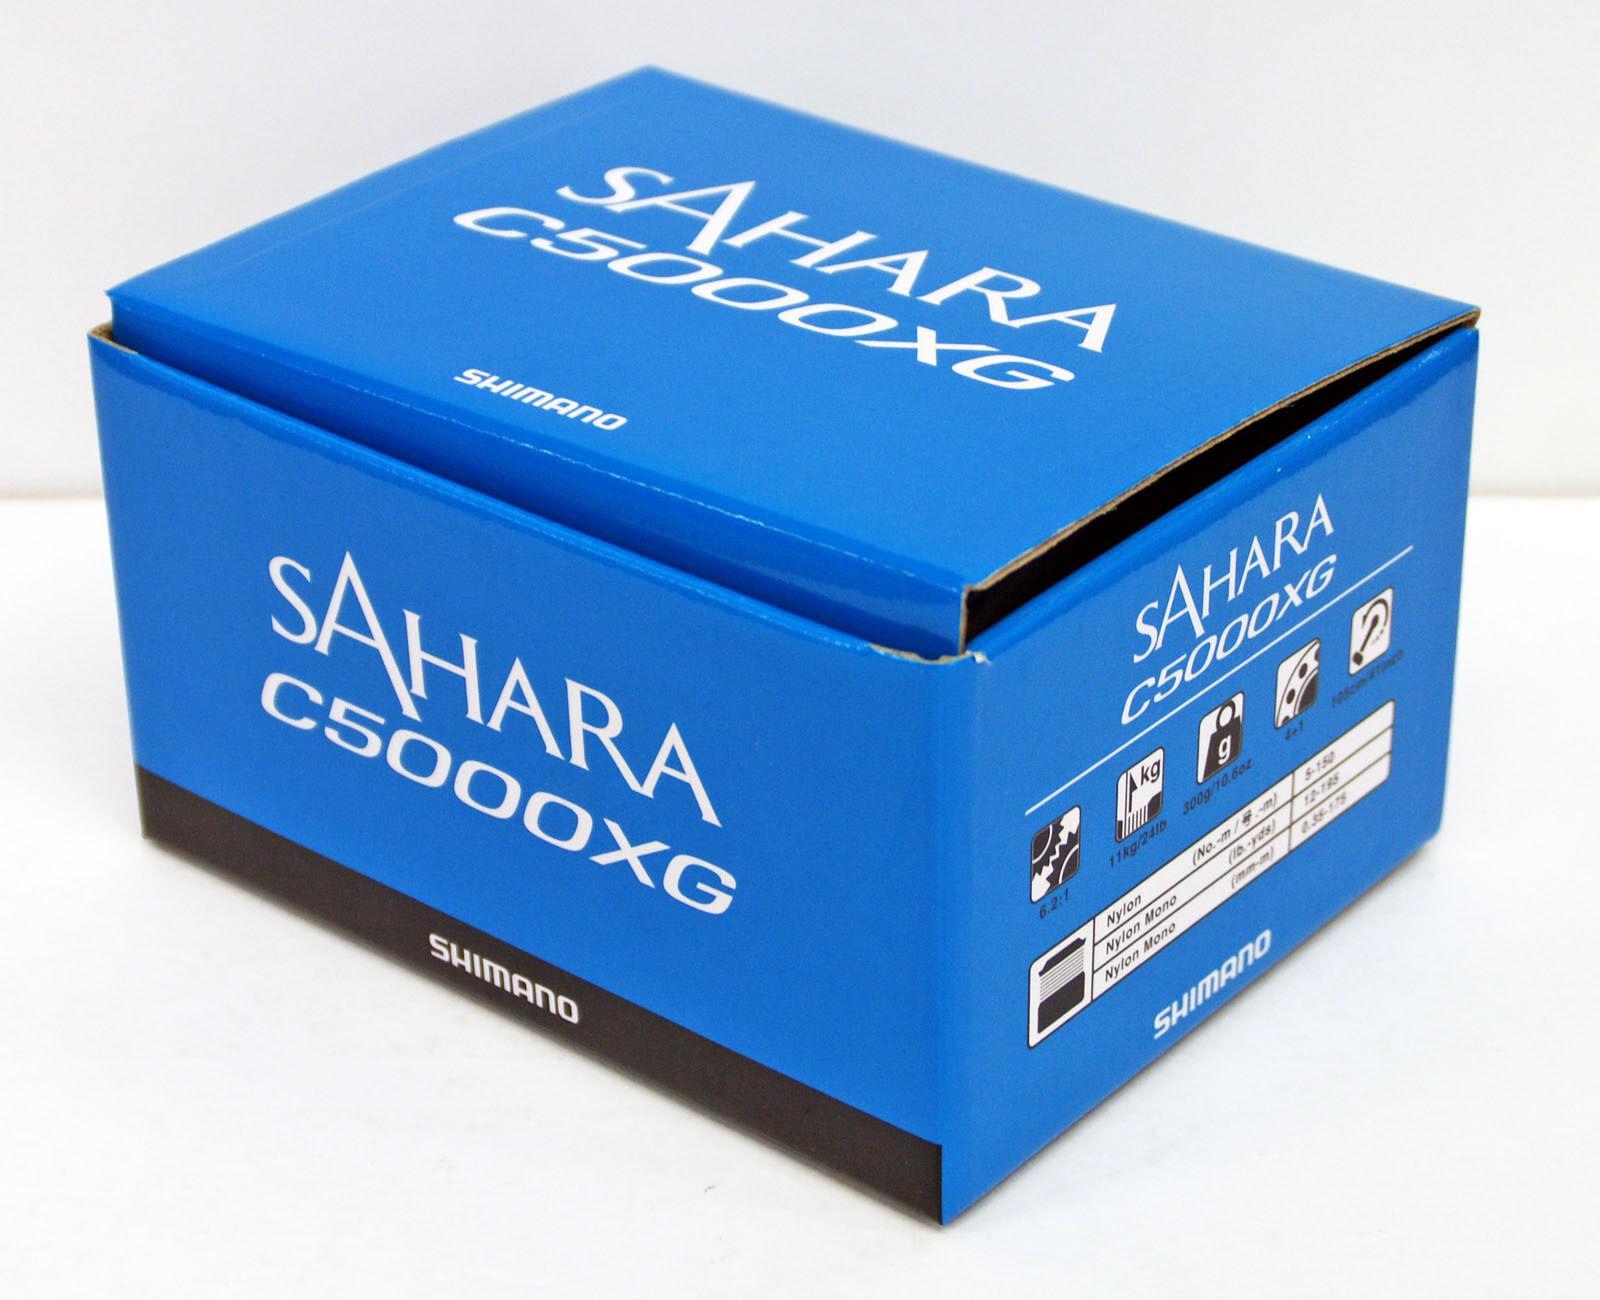 Shimano 17 Sahara C5000XG Spinning Reel 4969363036339